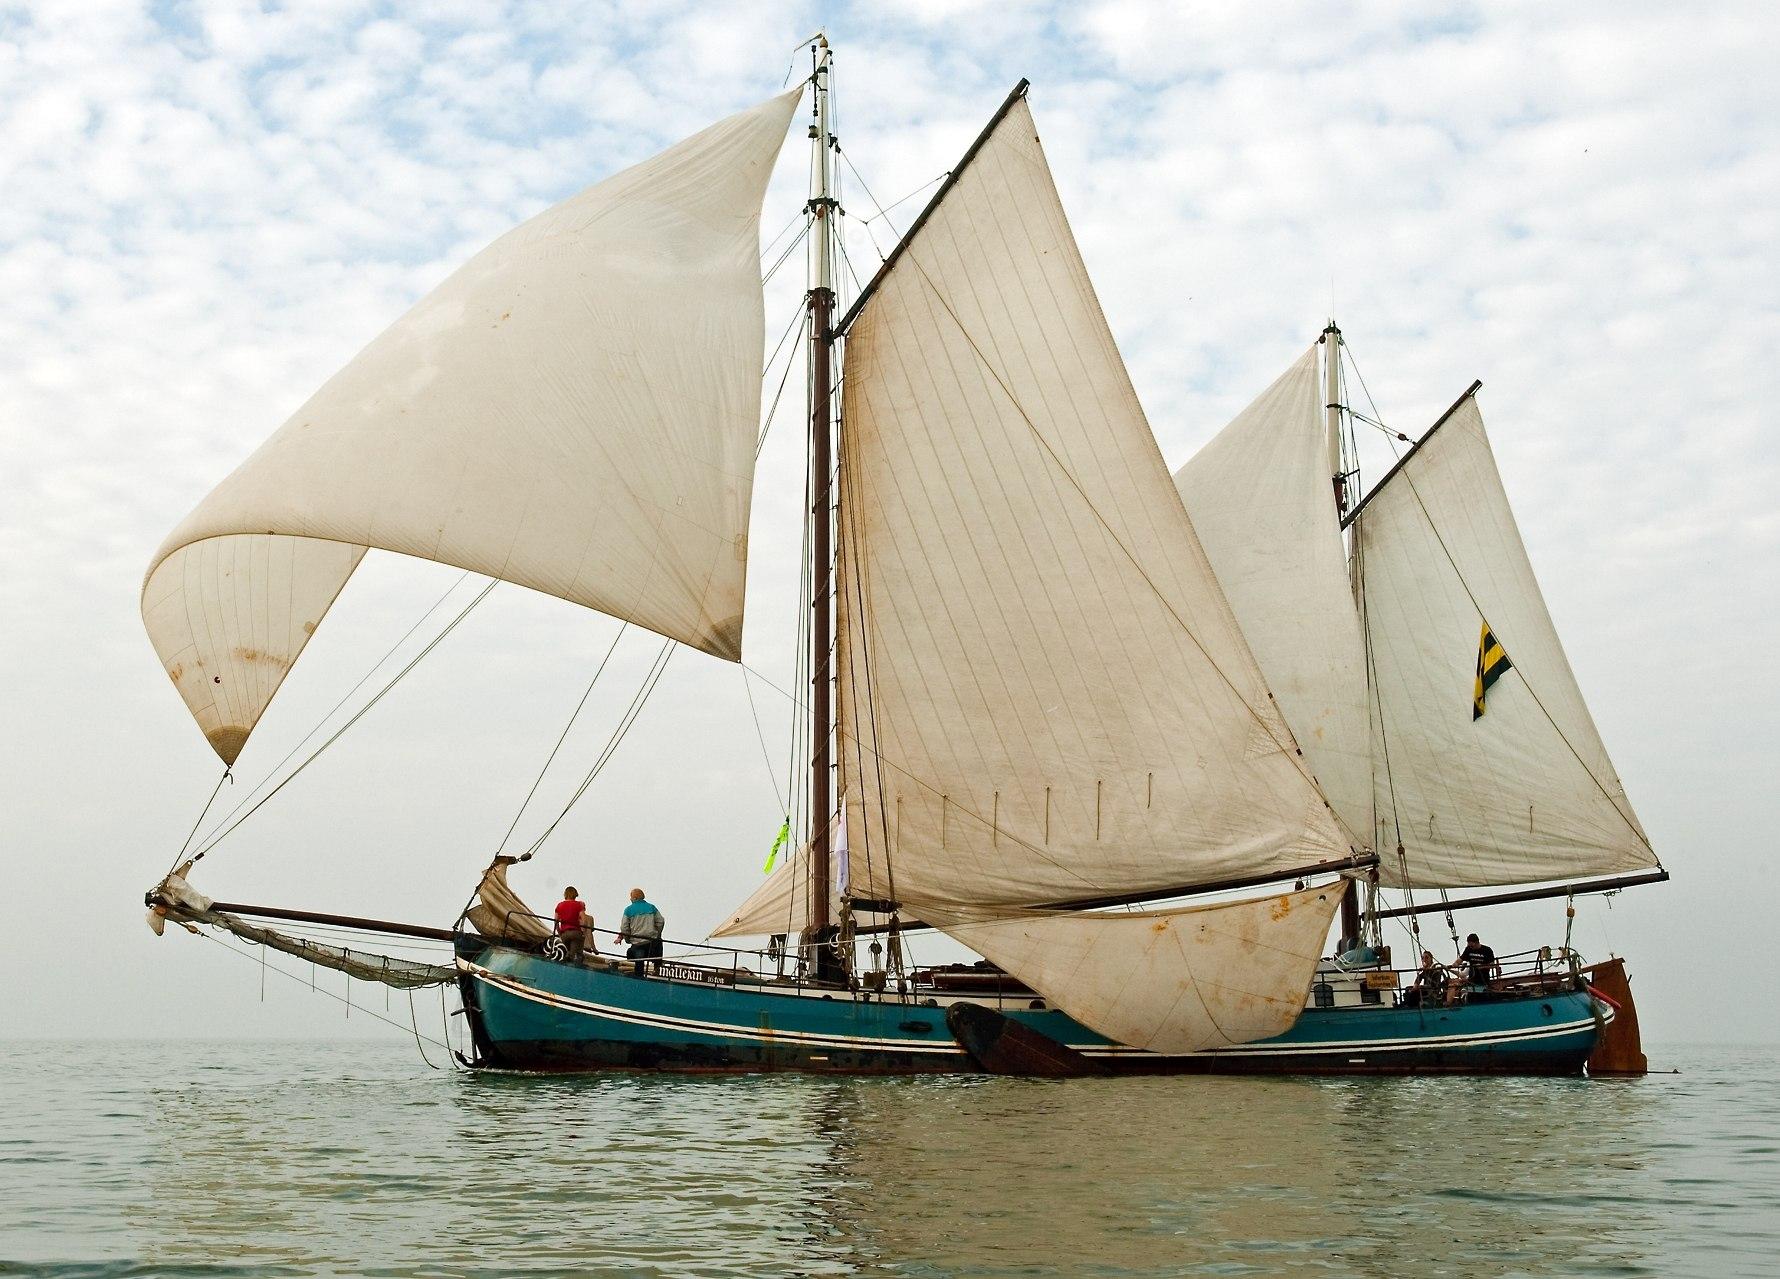 zaken doen op een zeilschip